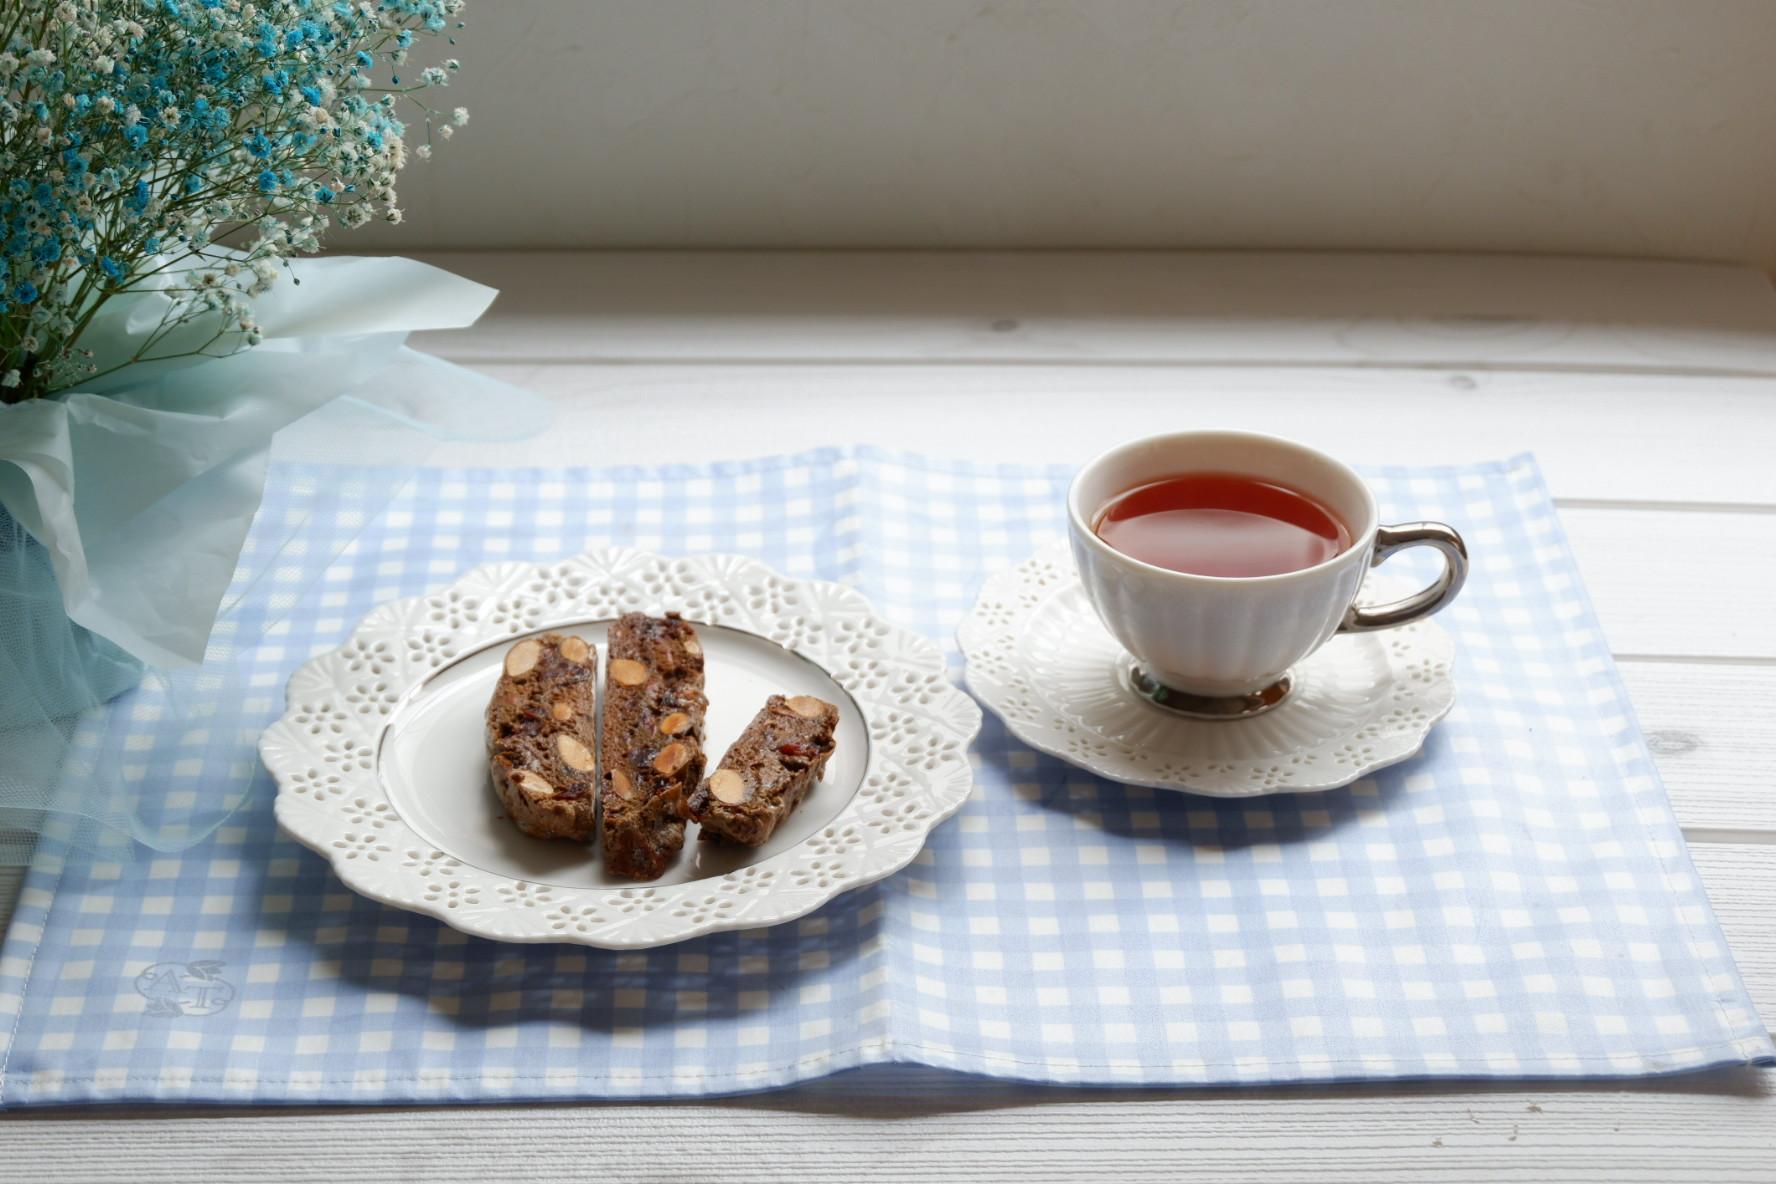 紅茶とベリーのビスコッティ